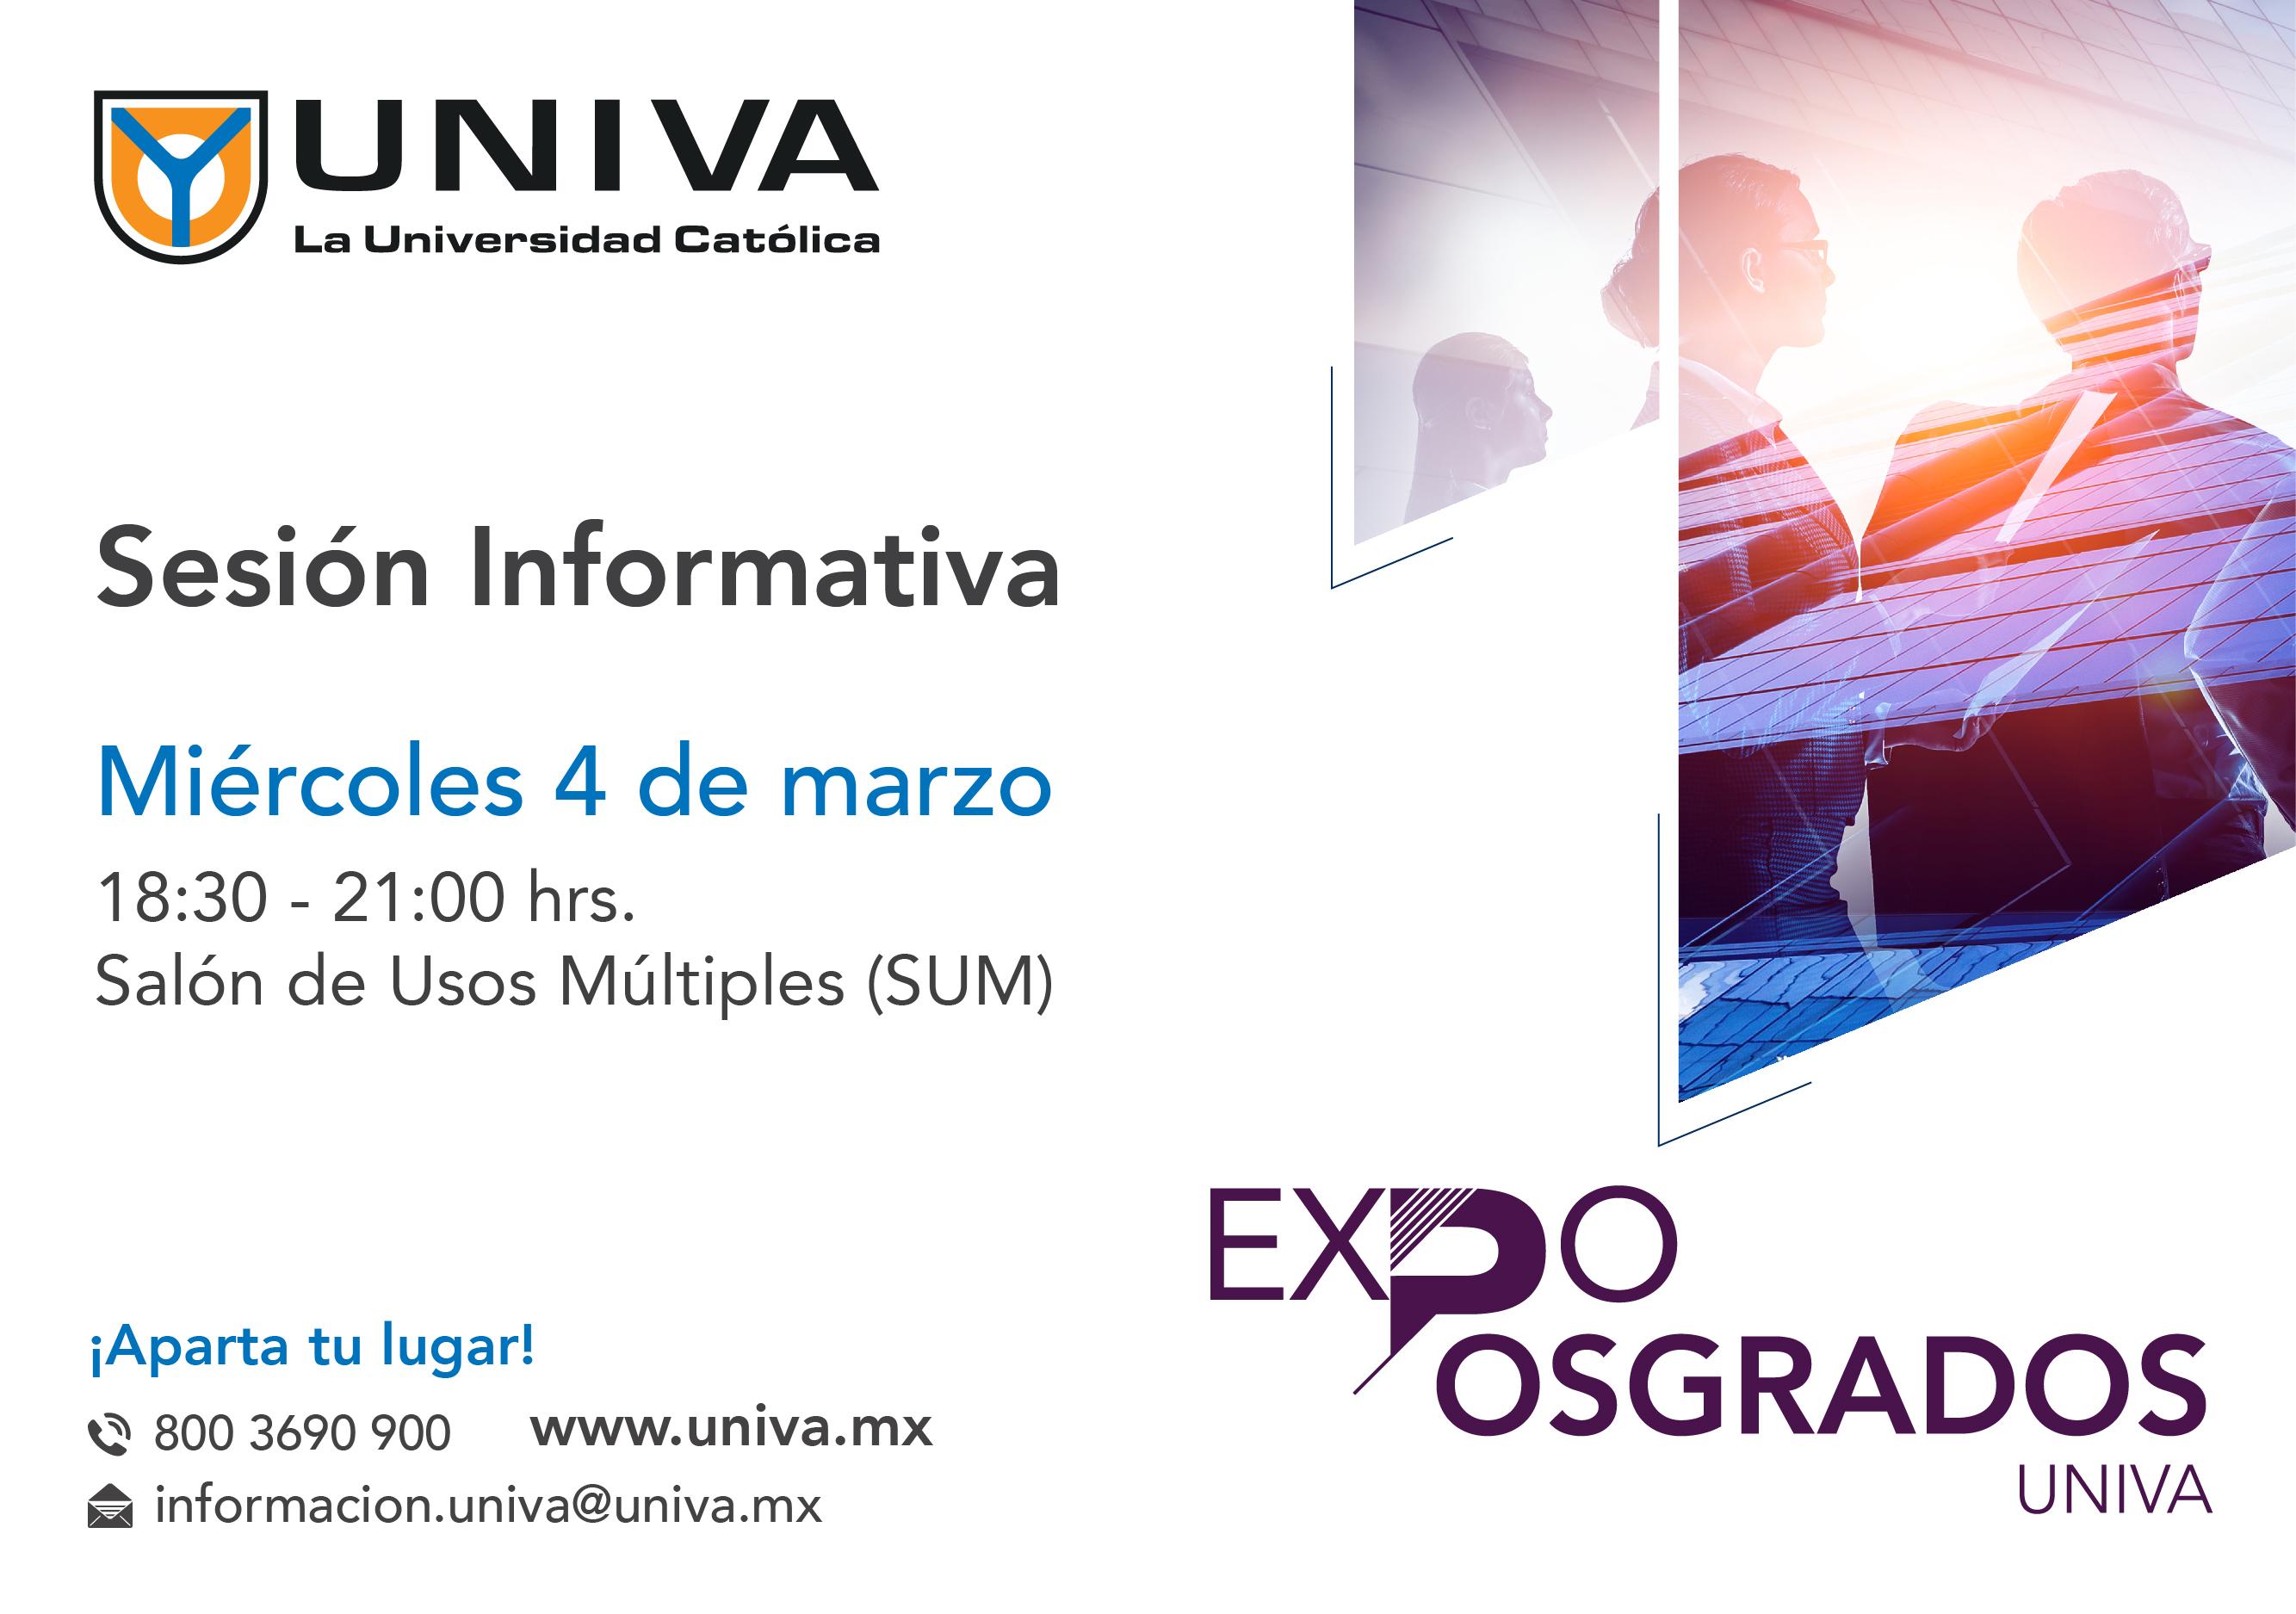 Expo Posgrados